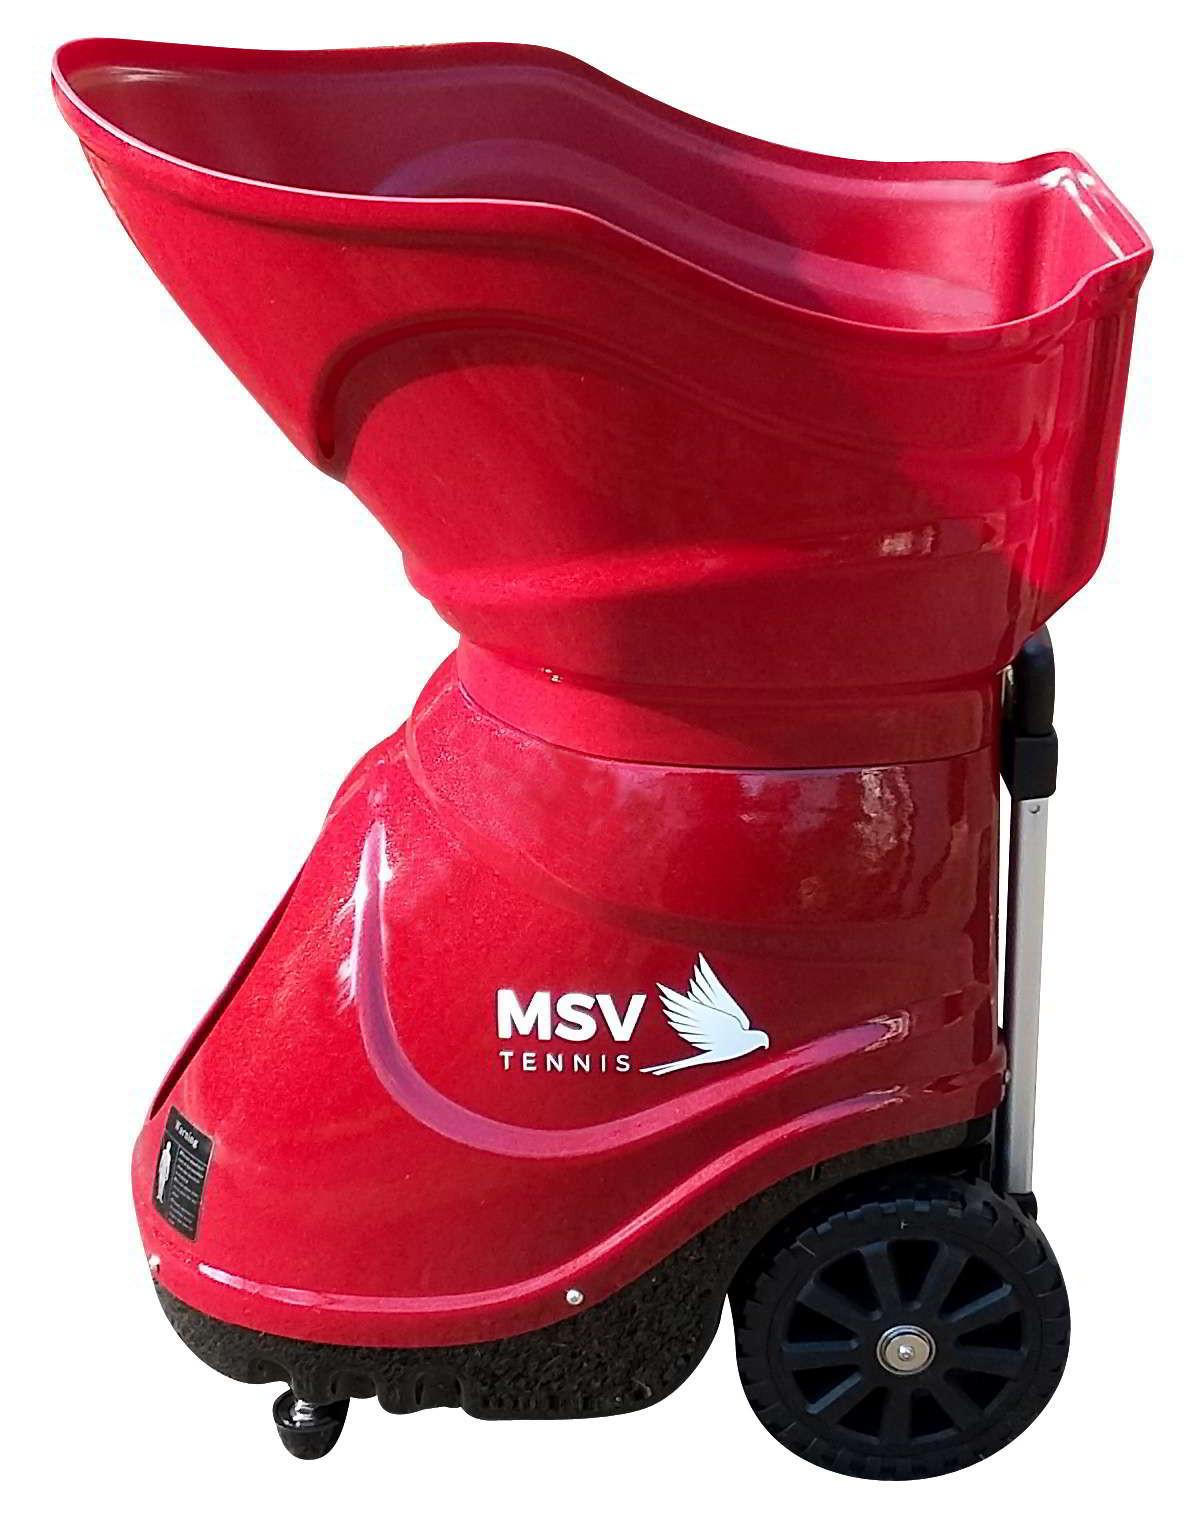 Tennis Ball Machine MSV DirectShot V 160